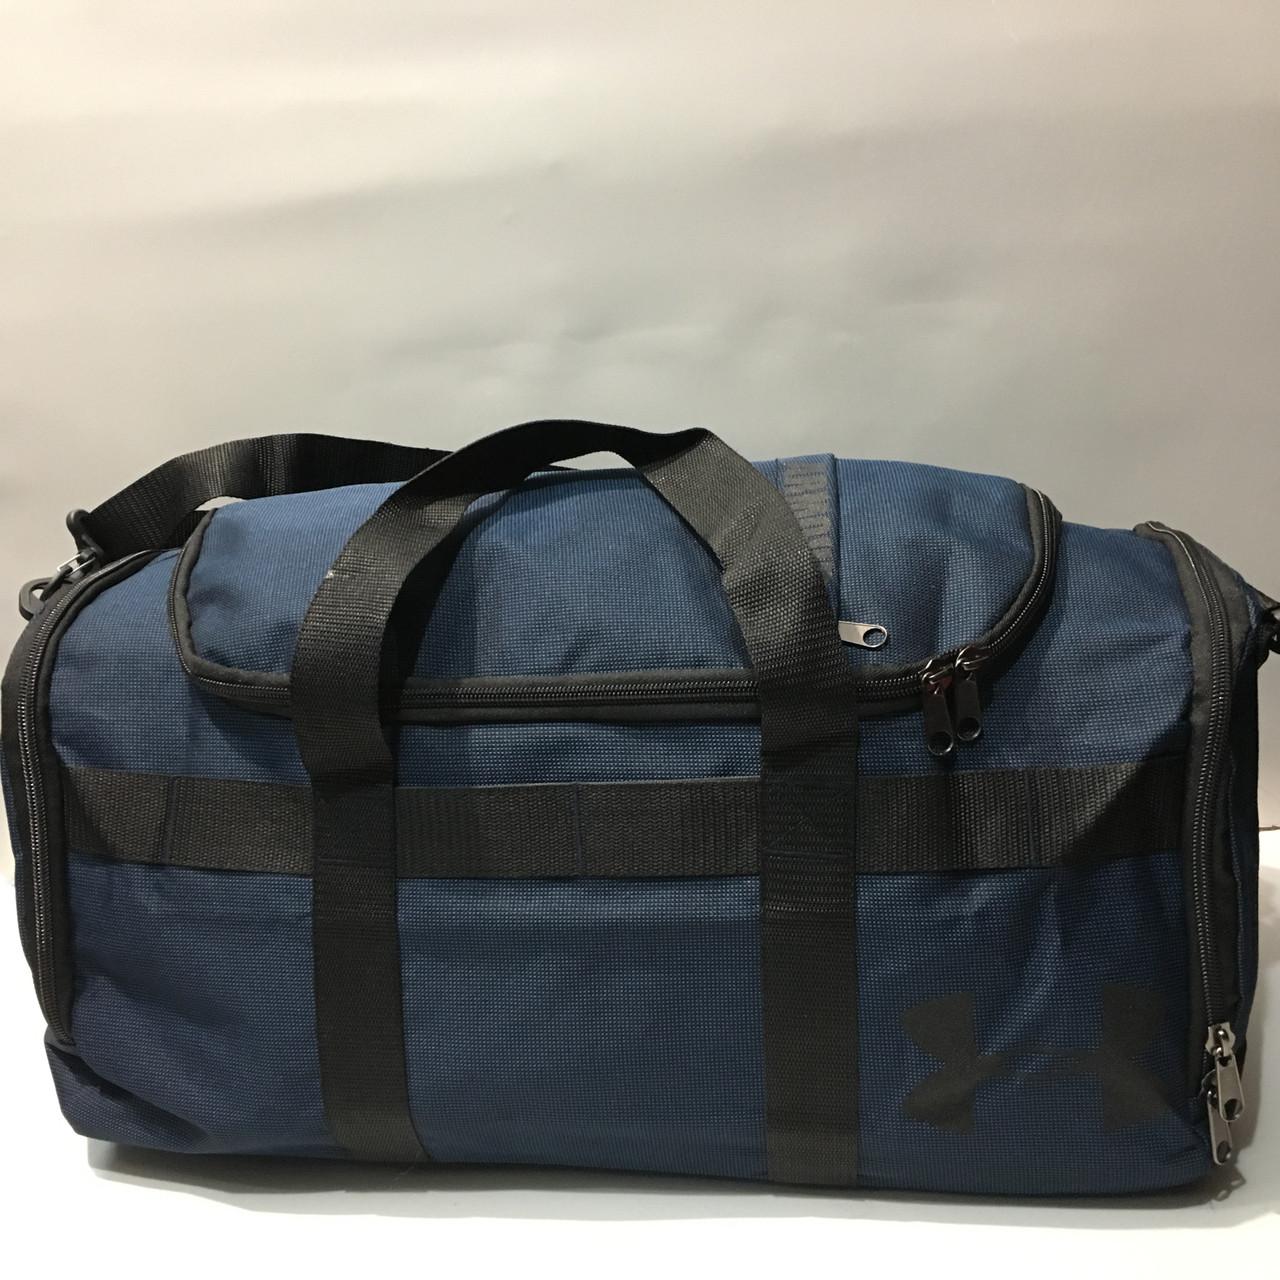 31a47231 Спортивная, дорожная качественная сумка UNDER ARMOUR Сумка UNDER ARMOUR.  Сумка в дорогу оптом